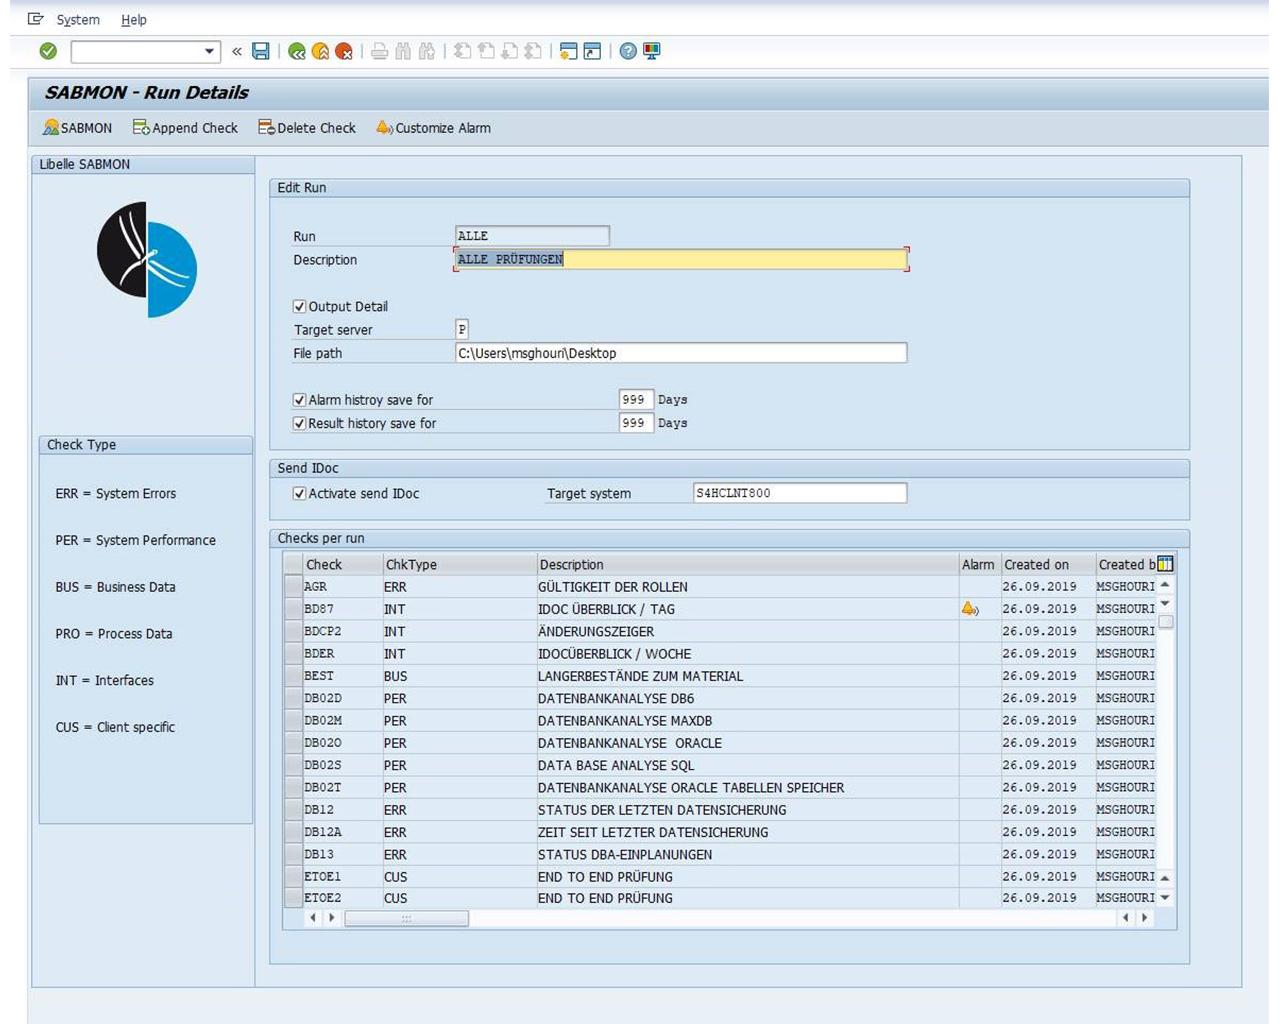 Libelle SABMON Frontend montre le cockpit central avec les données pertinentes du système et de l'entreprise en un coup d'œil